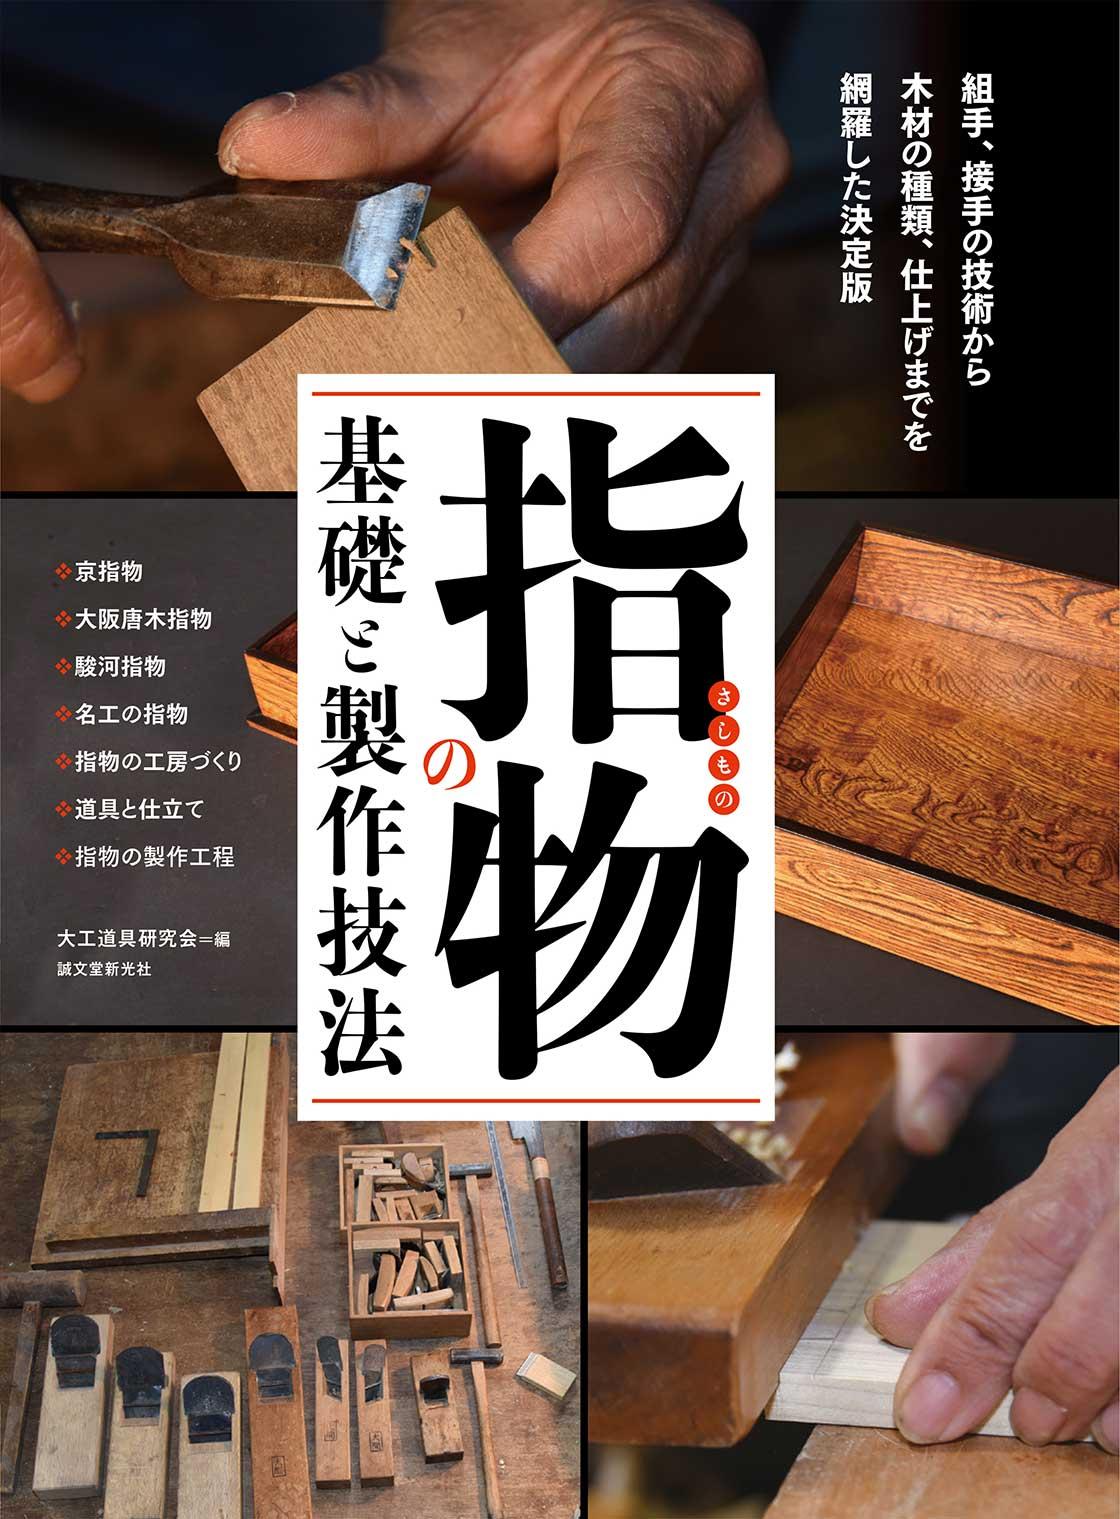 「指物の基礎と製作技法」